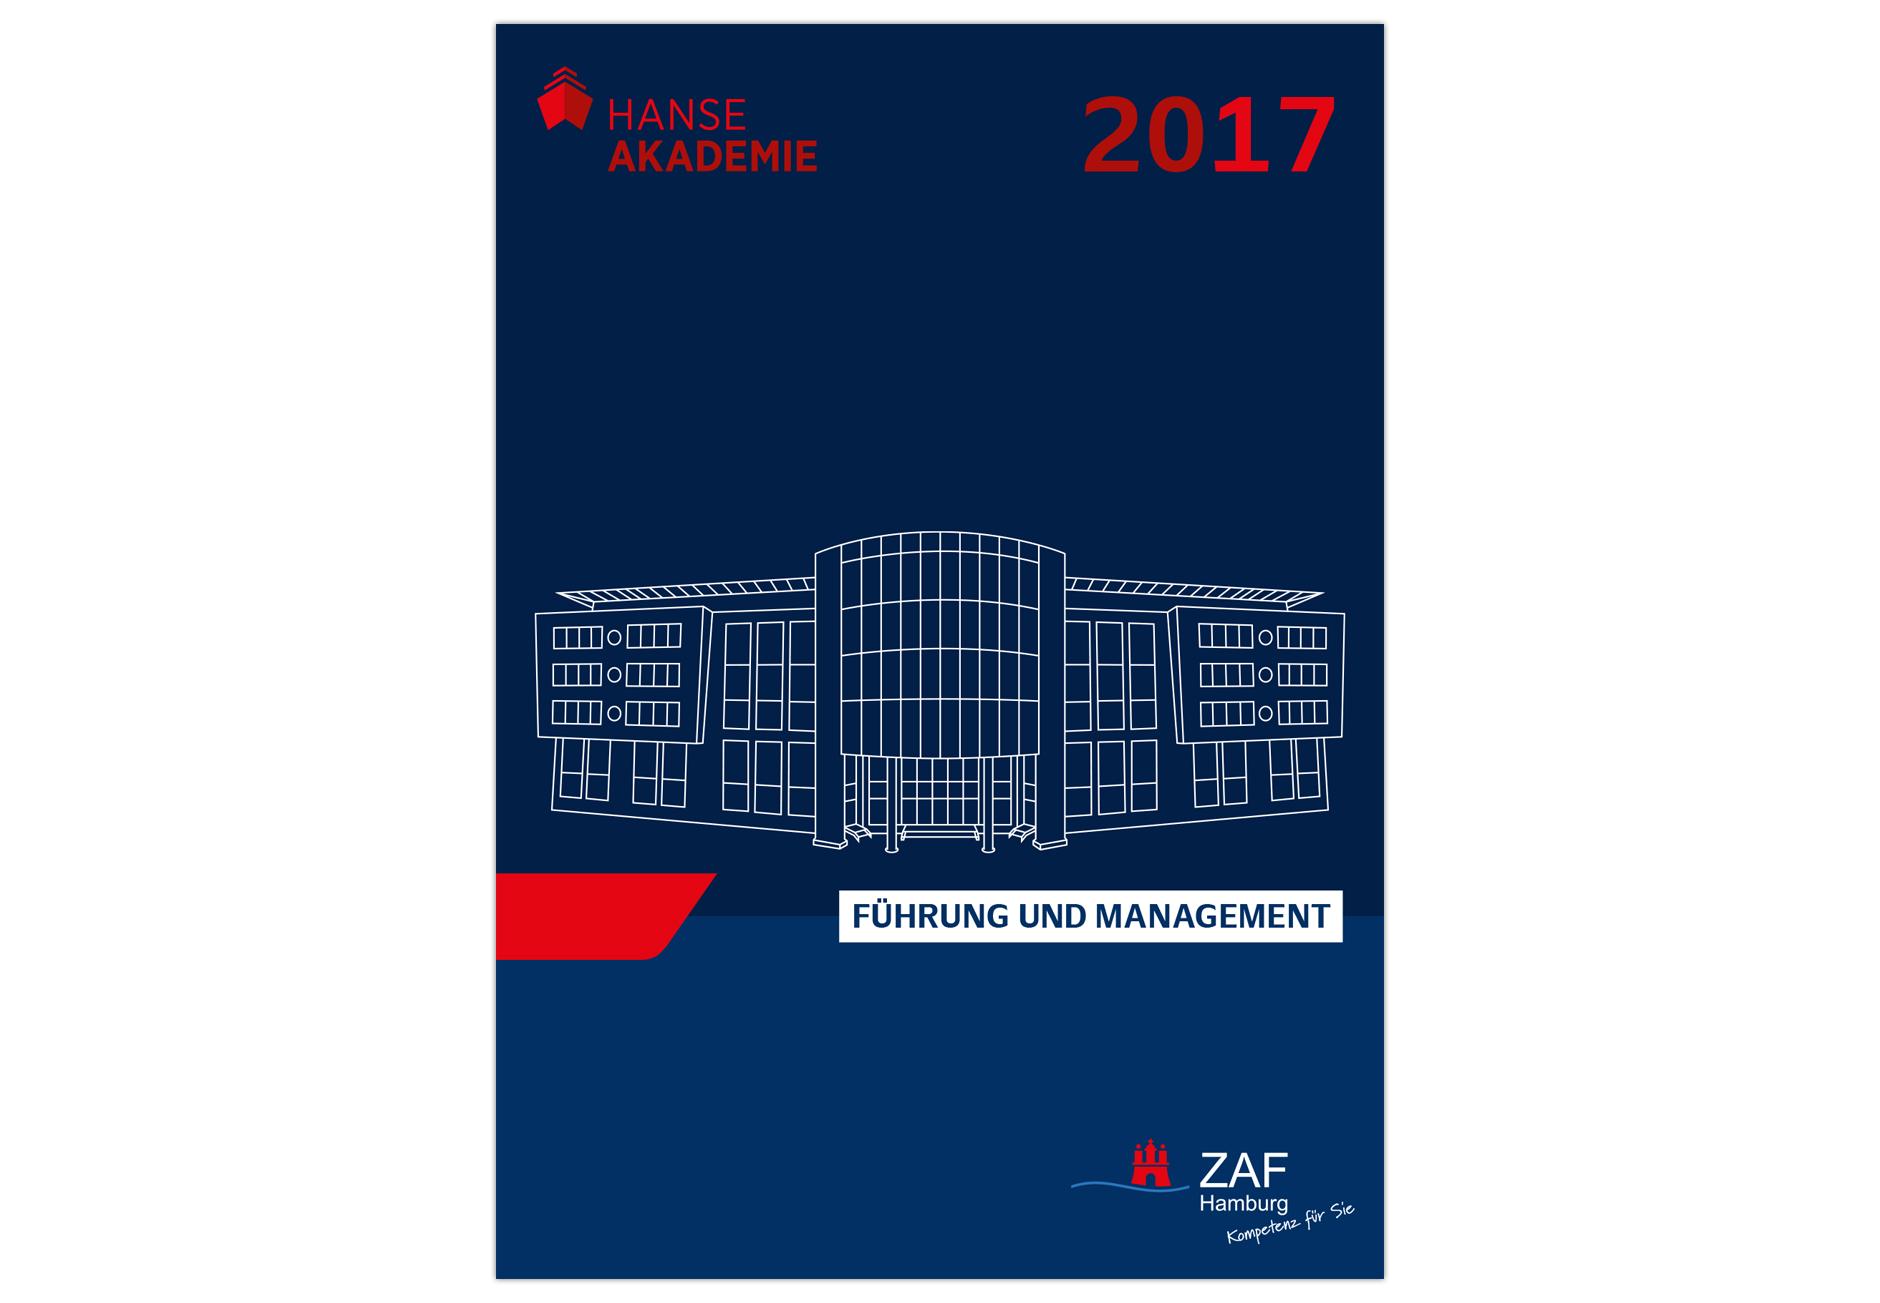 HANSE-AKADEMIELogoentwicklung und Katalog-Covergestaltung